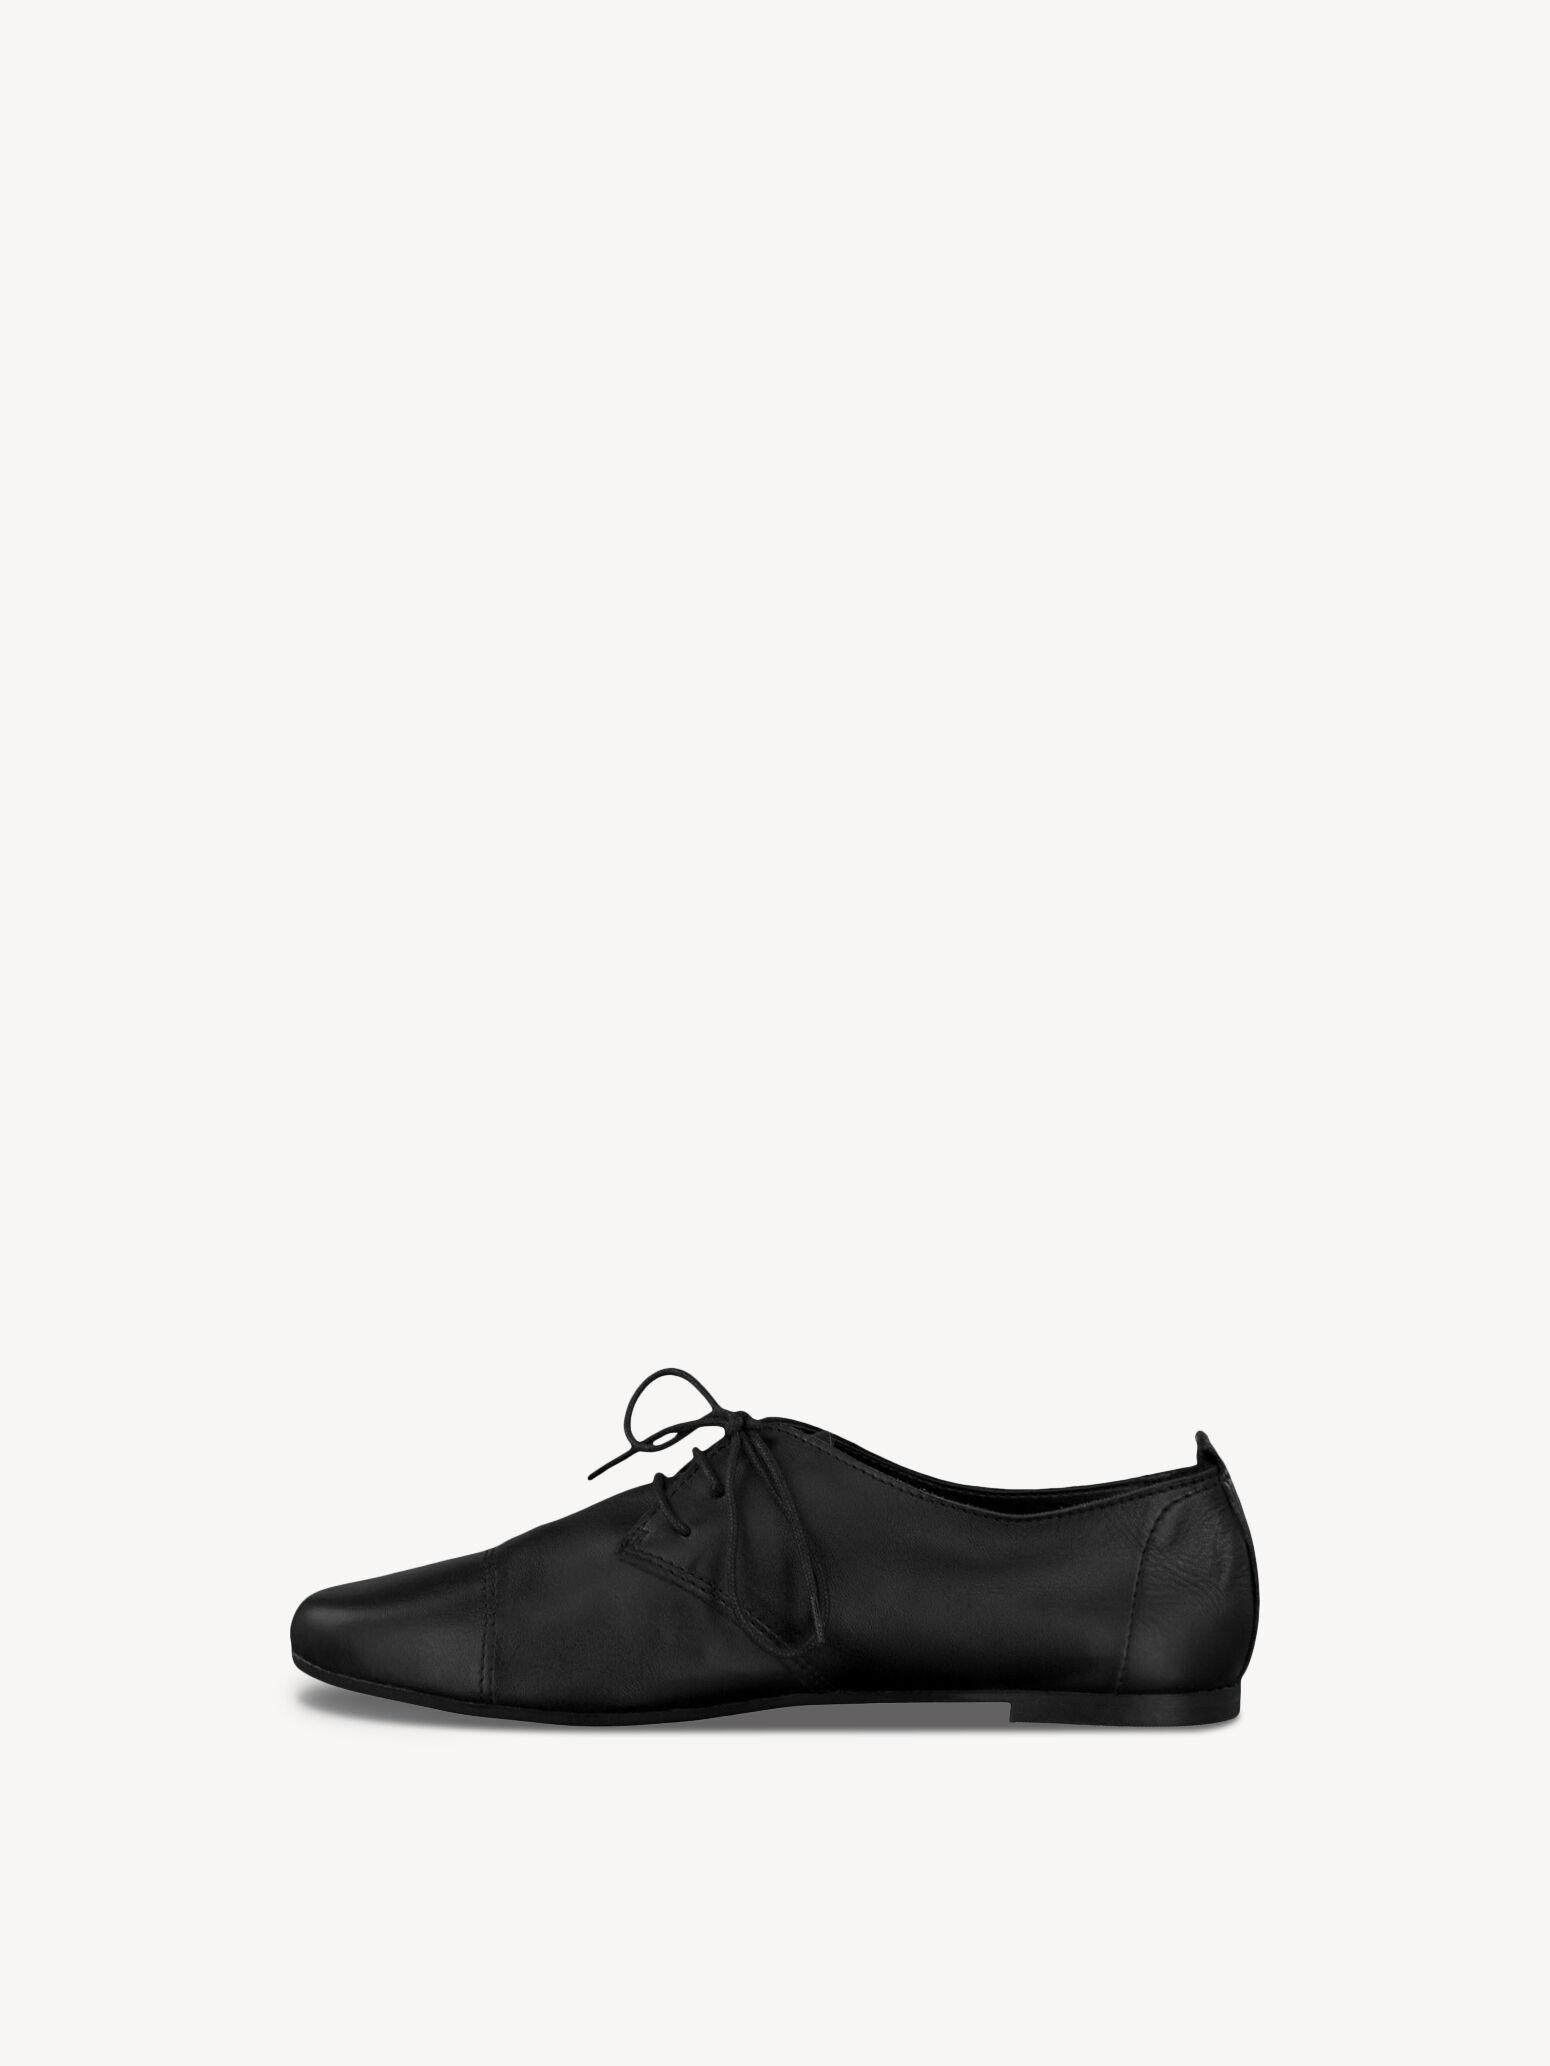 Fantastic Collection Tamaris Women's shoes Sandals, Classic